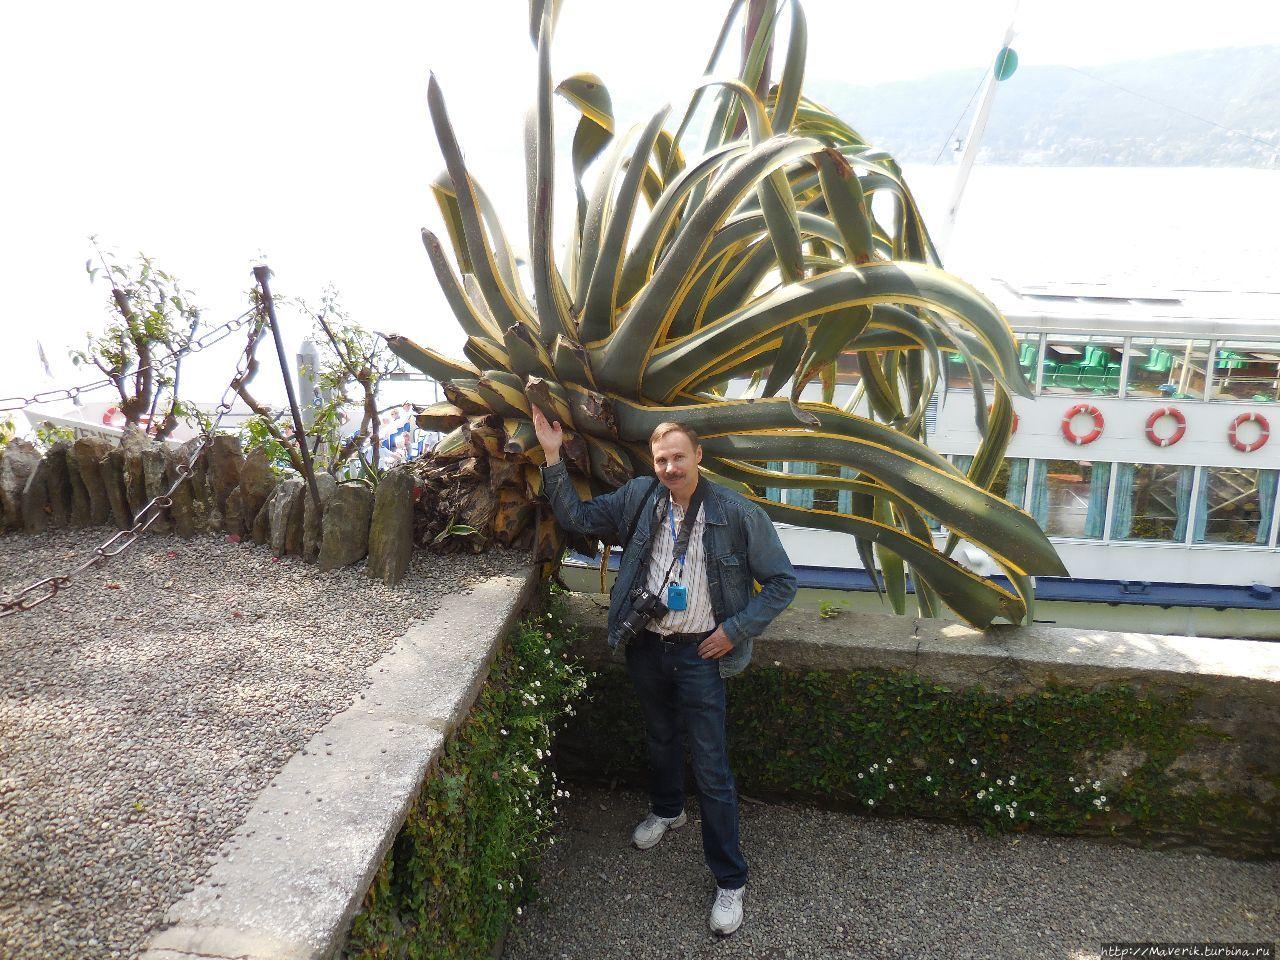 Остров Мадре — Жемчужина озера Лаго — Маджоре Остров Мадре, Италия